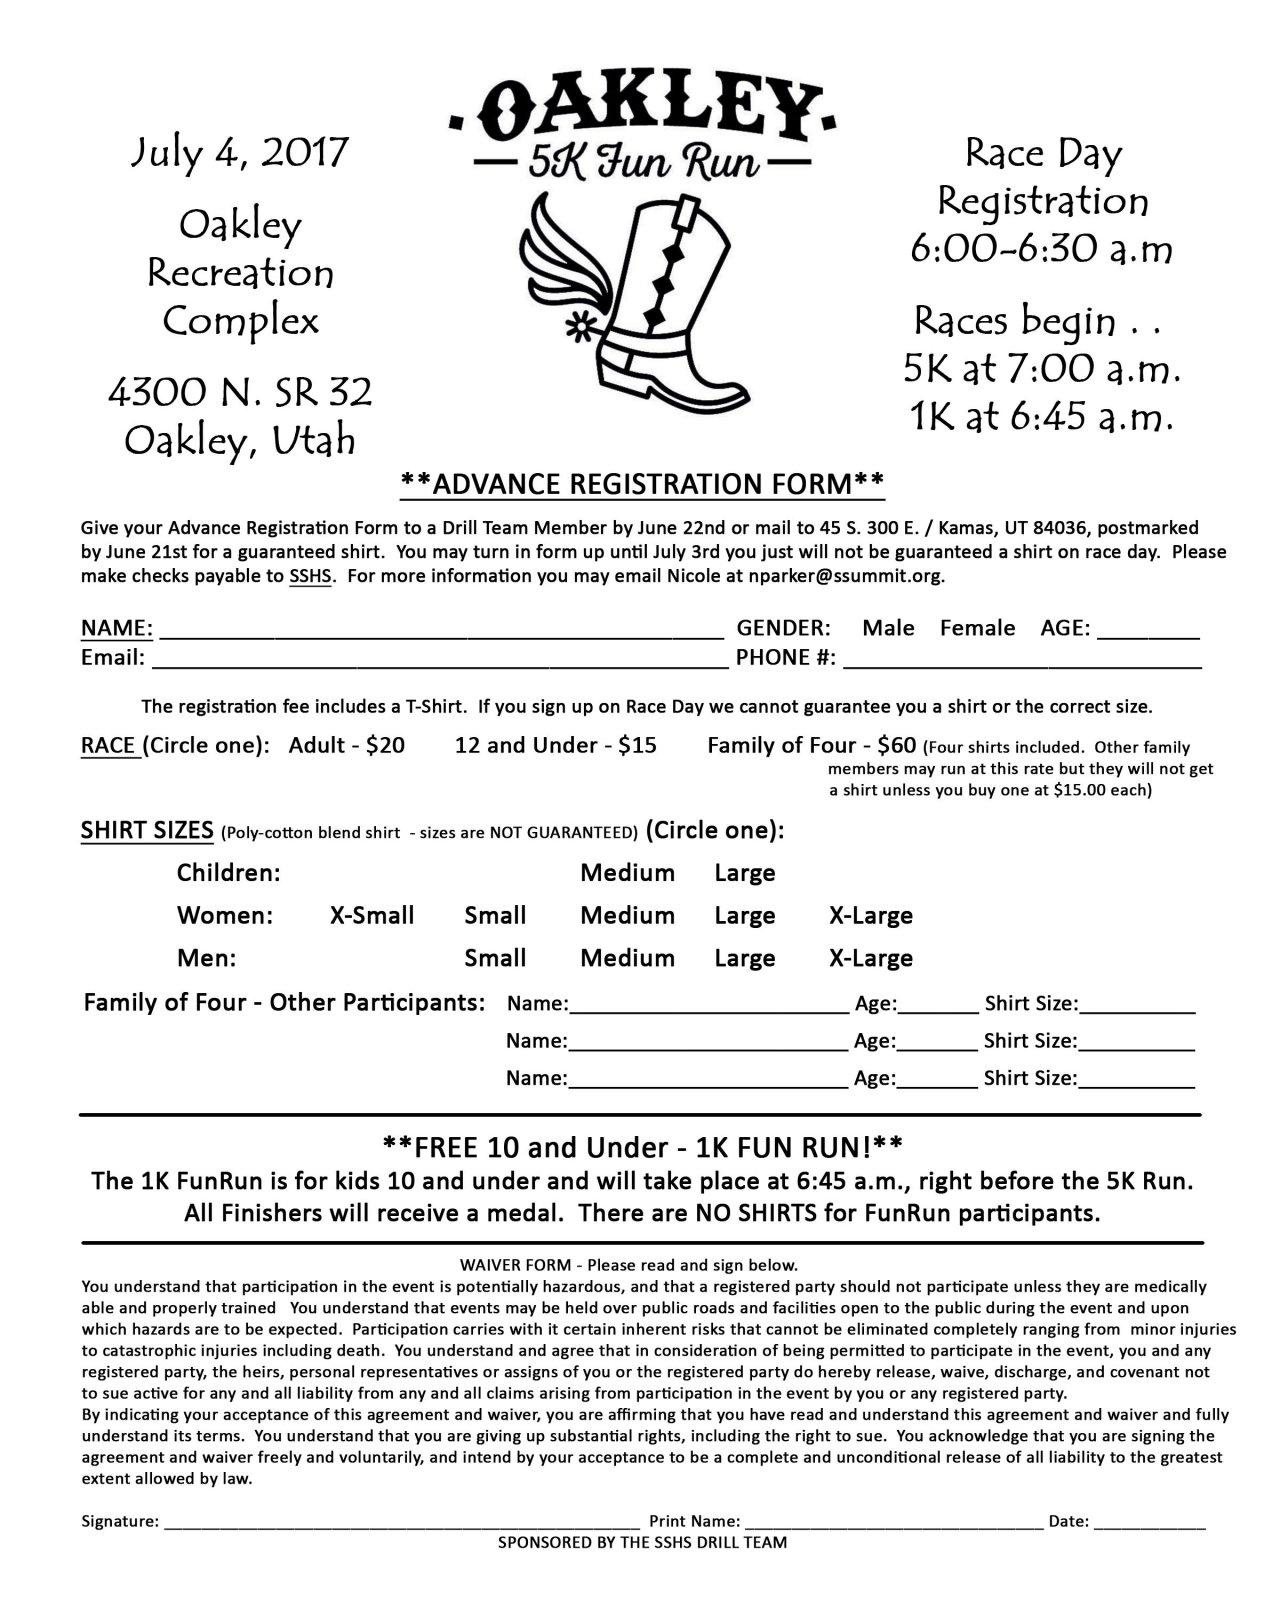 Oakley 5k Fun Run